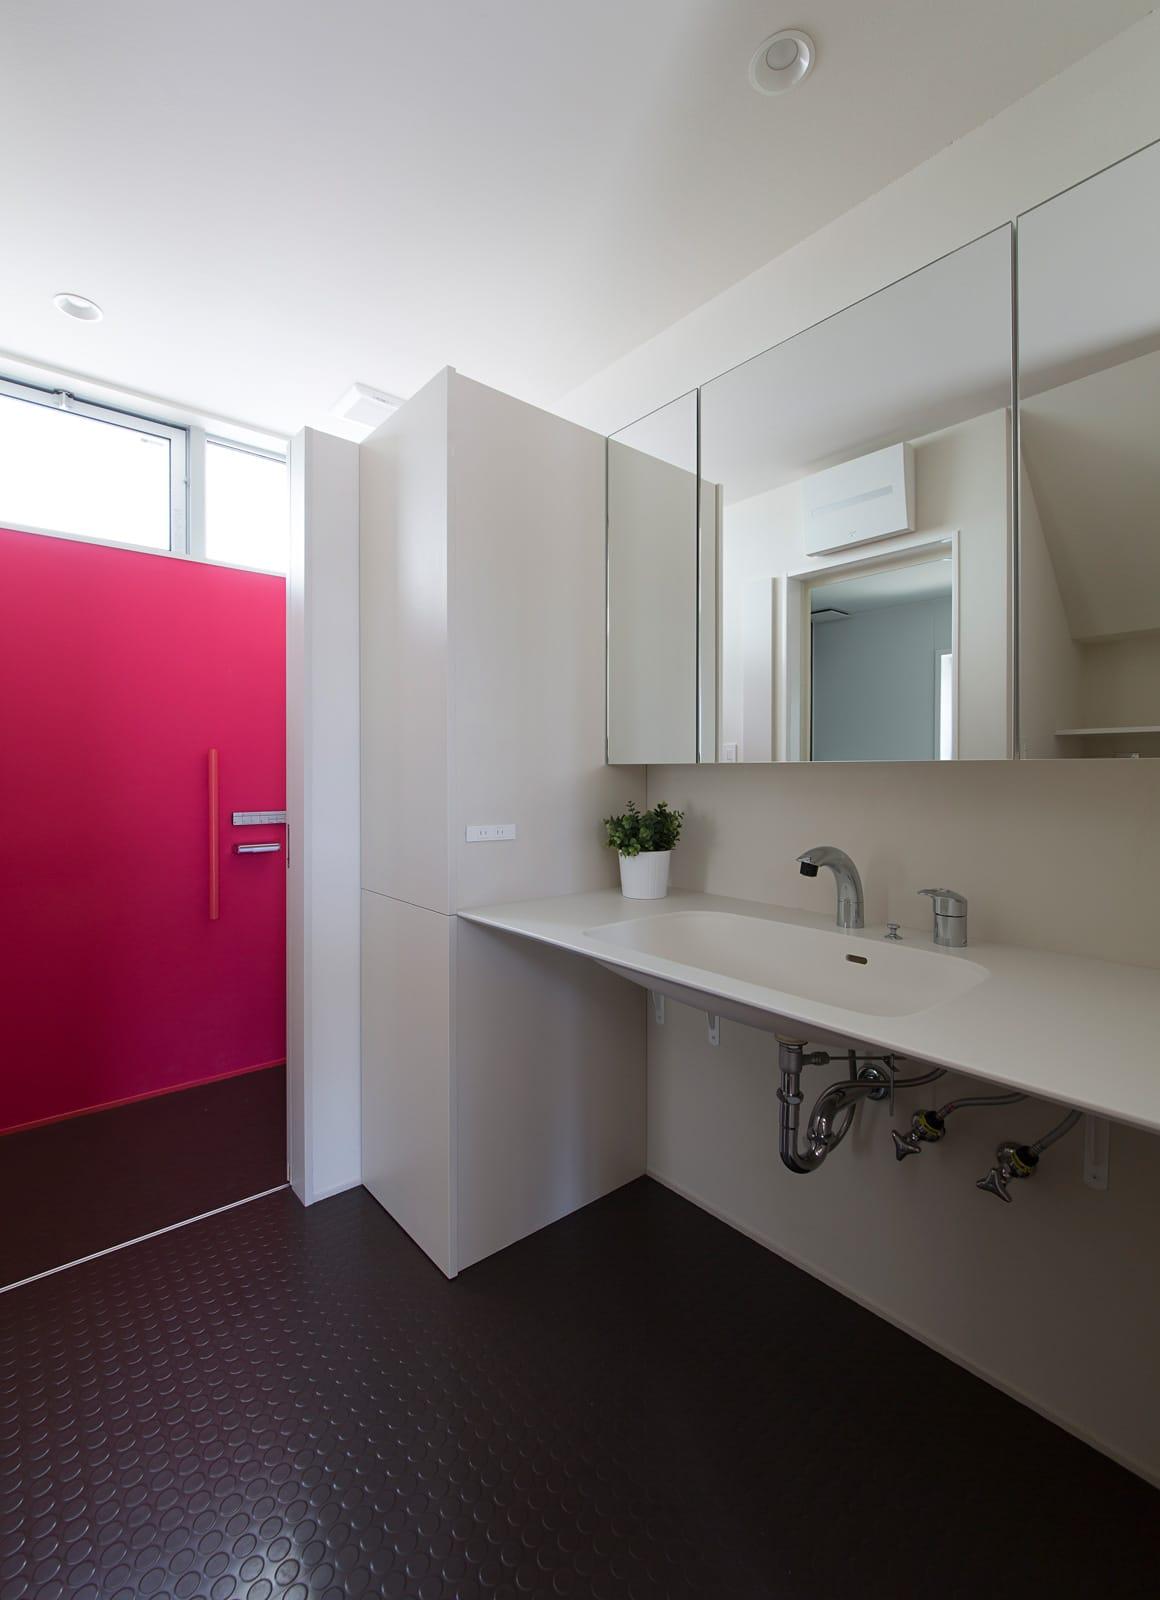 吹抜けリビングのある住宅のトイレ1